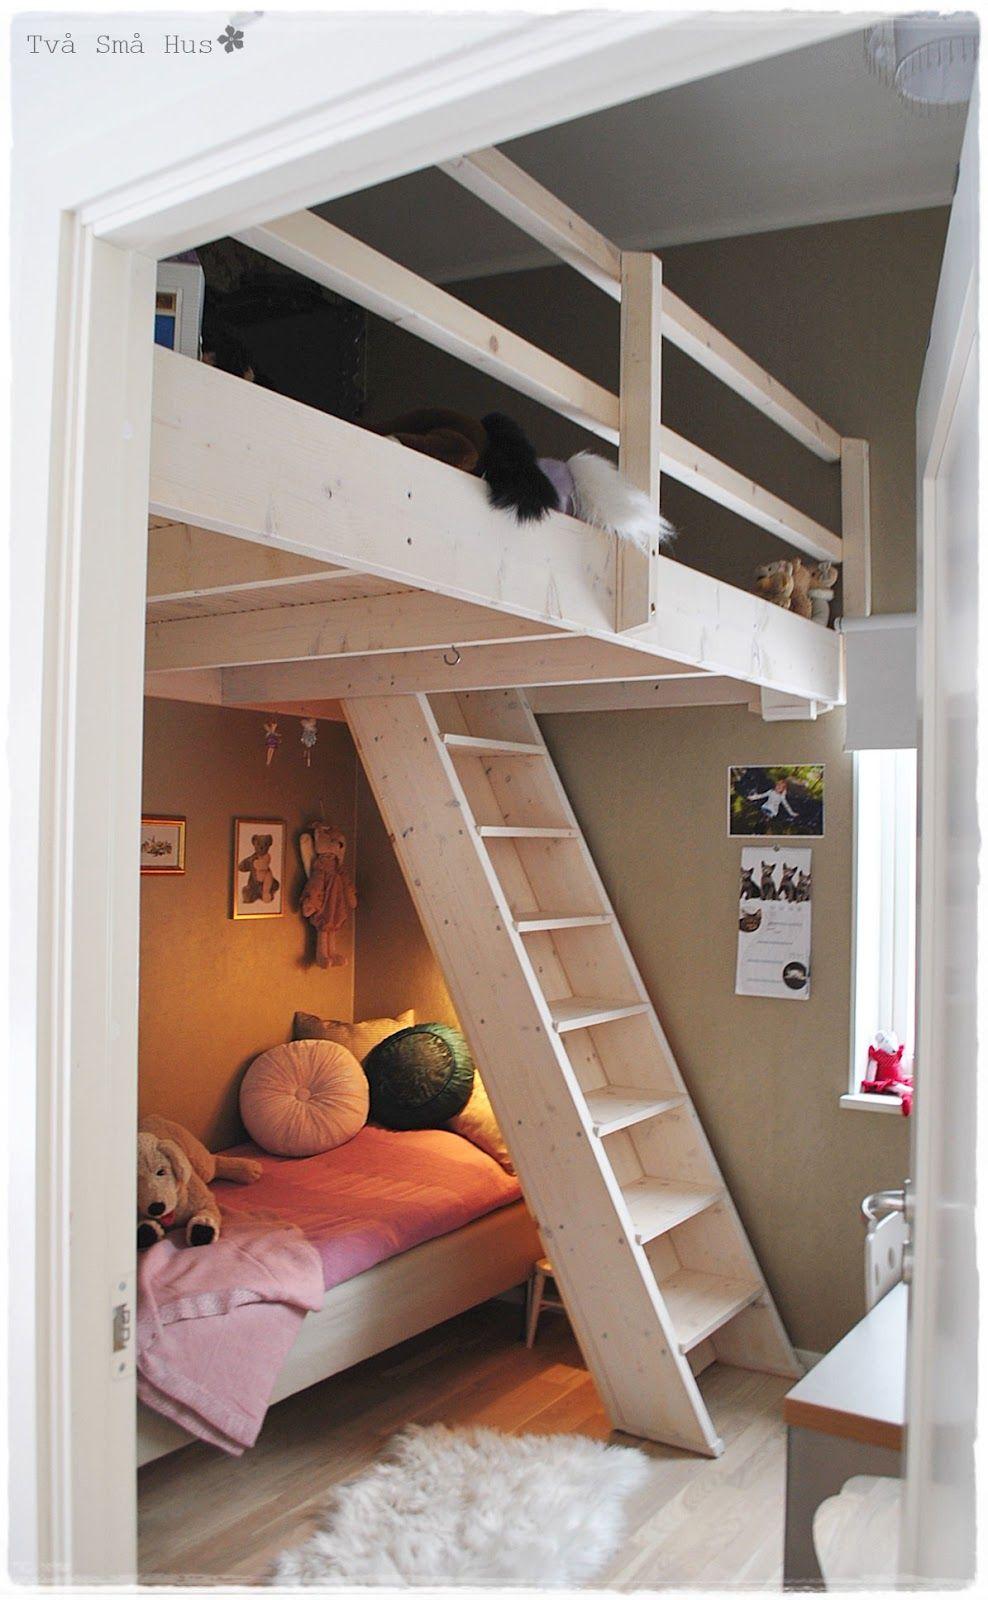 Two small houses ladder for treehouse kinderkamer ideeën